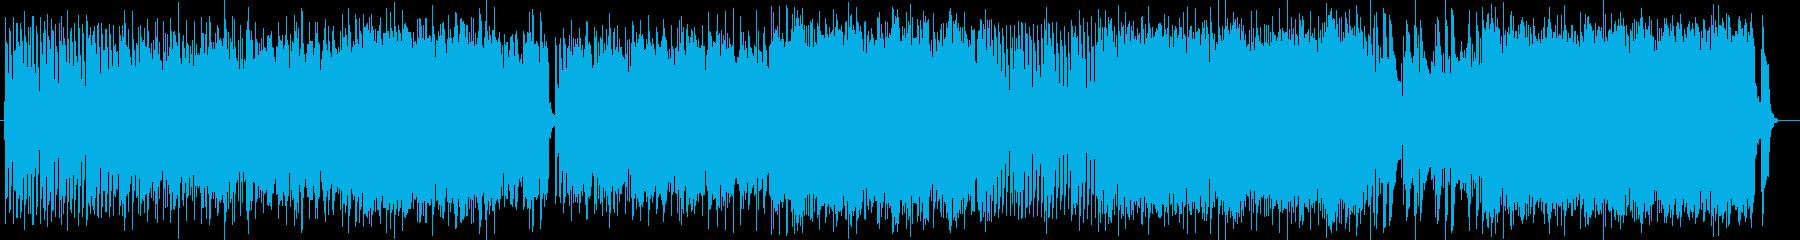 ミディアムテンポのロックの再生済みの波形